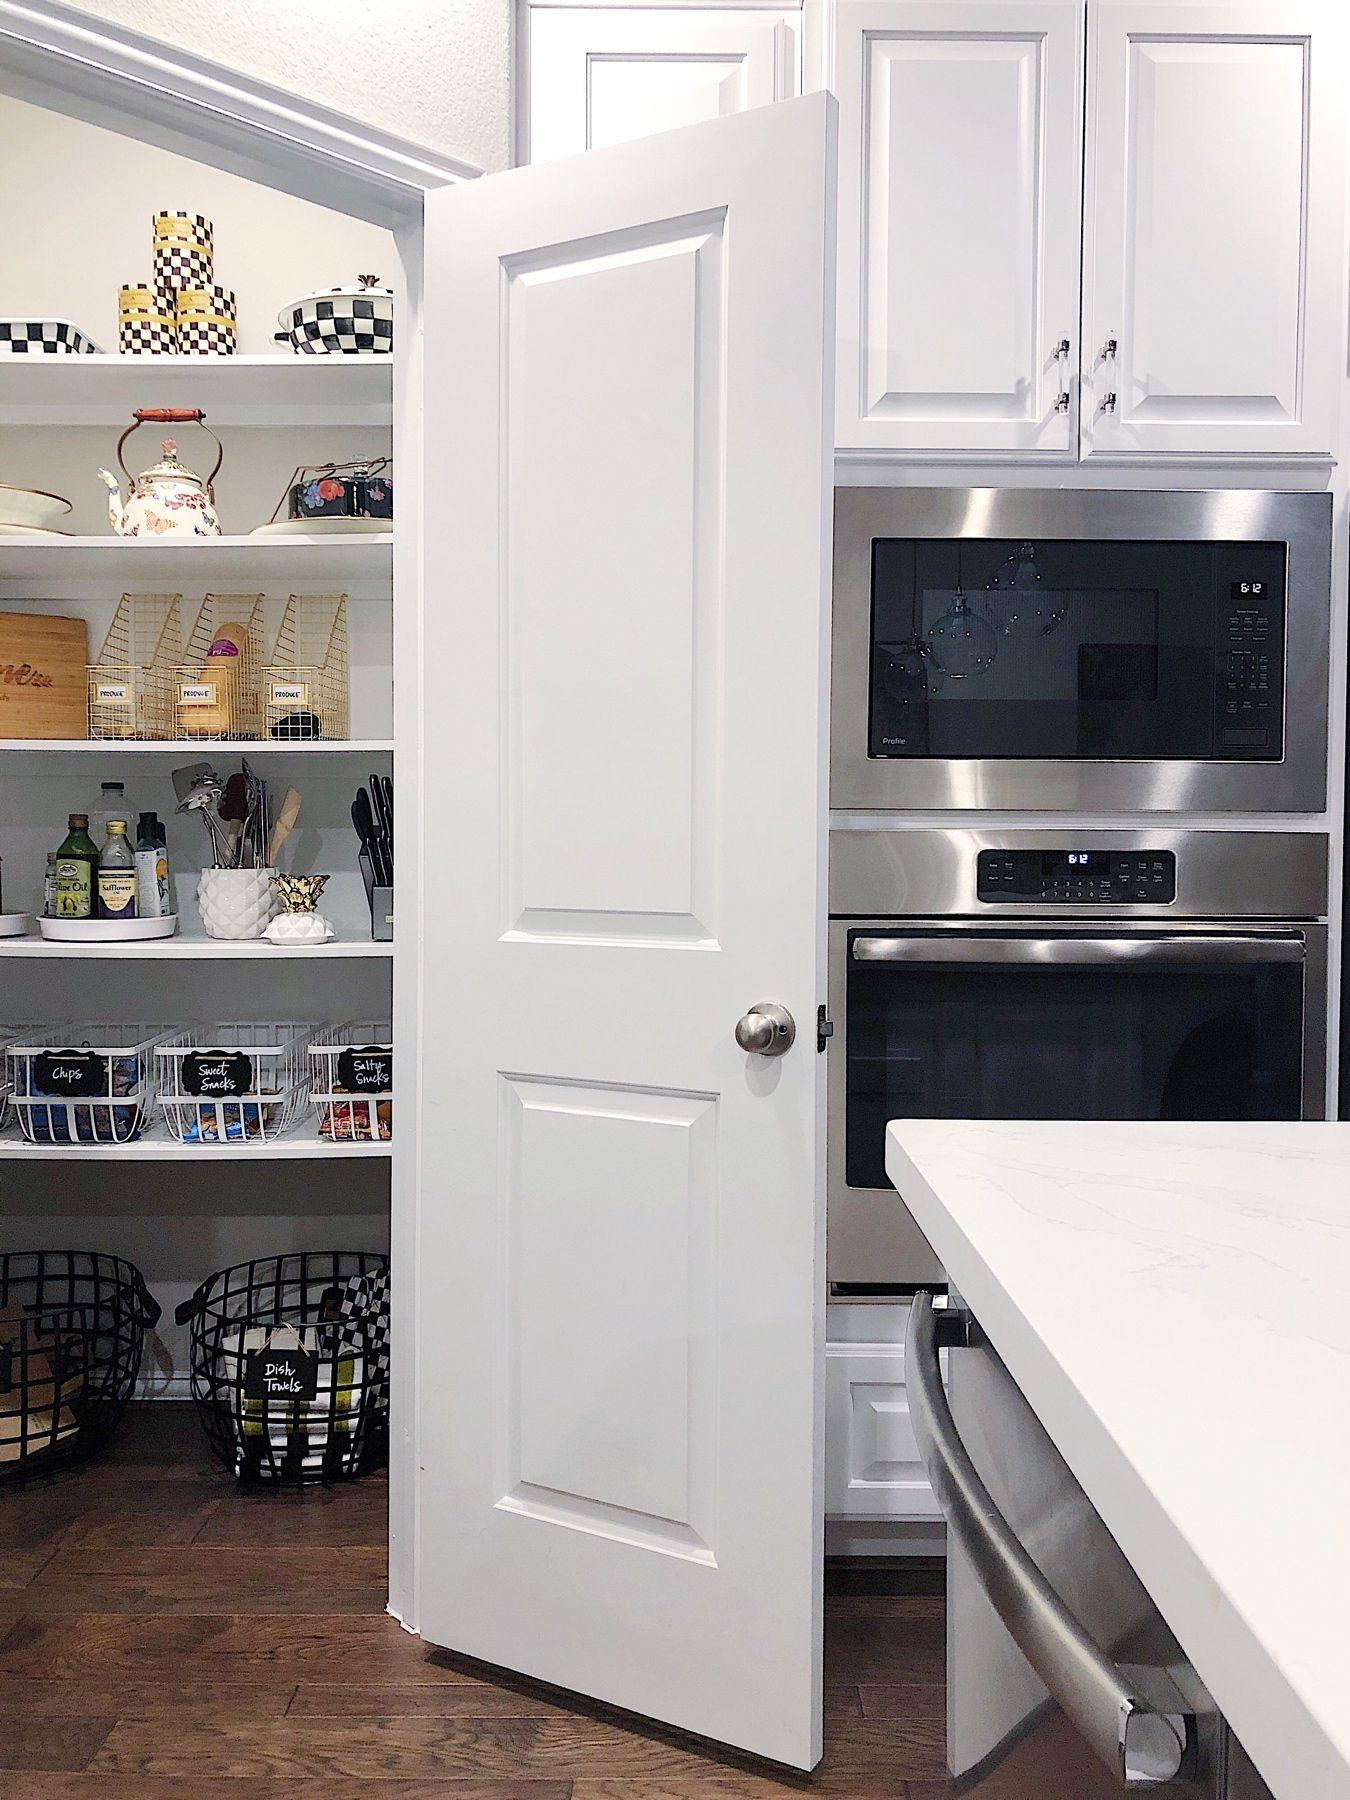 Neat Method Kitchens Kitchen Design Kitchen Inspiration Pantry Ideas Kitchen Storage Kitchen Cabi Kitchen Design Small Small Kitchen Decor Kitchen Design